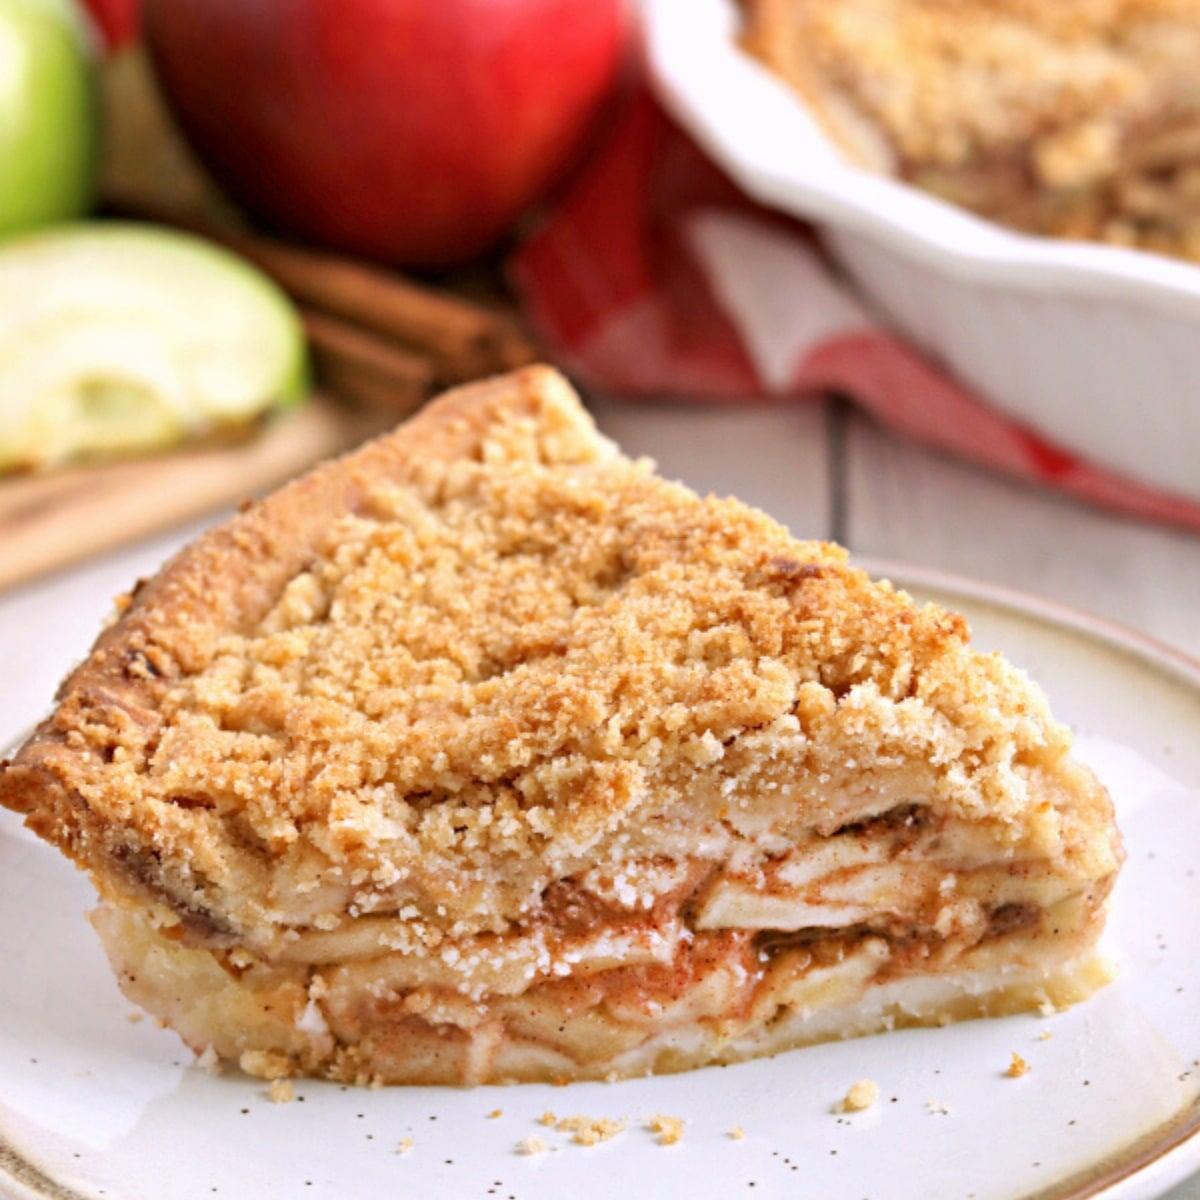 Gluten Free Dutch Apple Pie Dairy Free Option Mama Knows Gluten Free